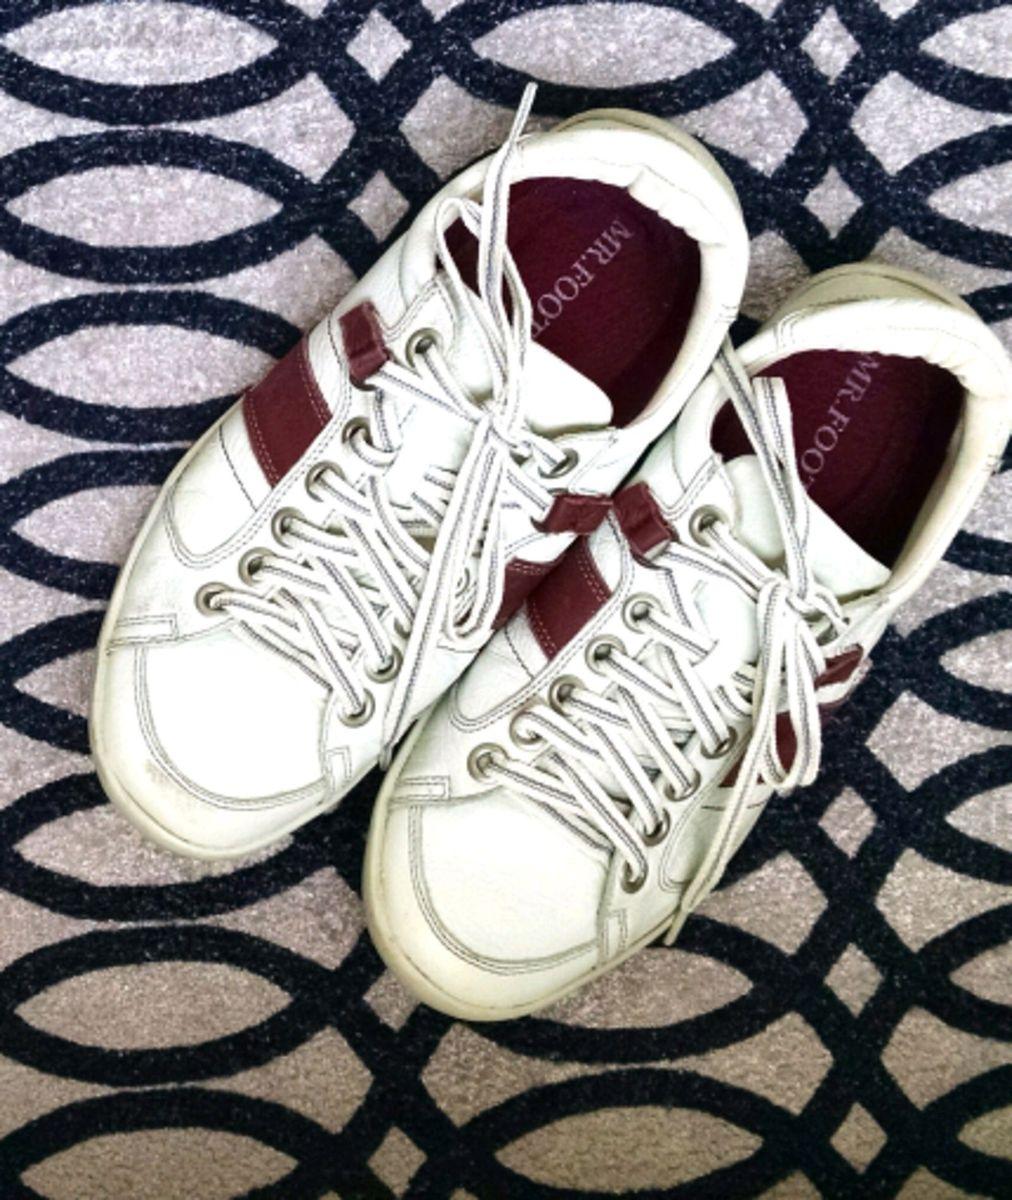 0061abc099 sapatênis mr. foot - tênis mr. foot.  Czm6ly9wag90b3muzw5qb2vplmnvbs5ici9wcm9kdwn0cy8xmdeynduxlziwywuzn2m2y2iwzja3mmfiy2vkode1zteymgizytzhlmpwzw